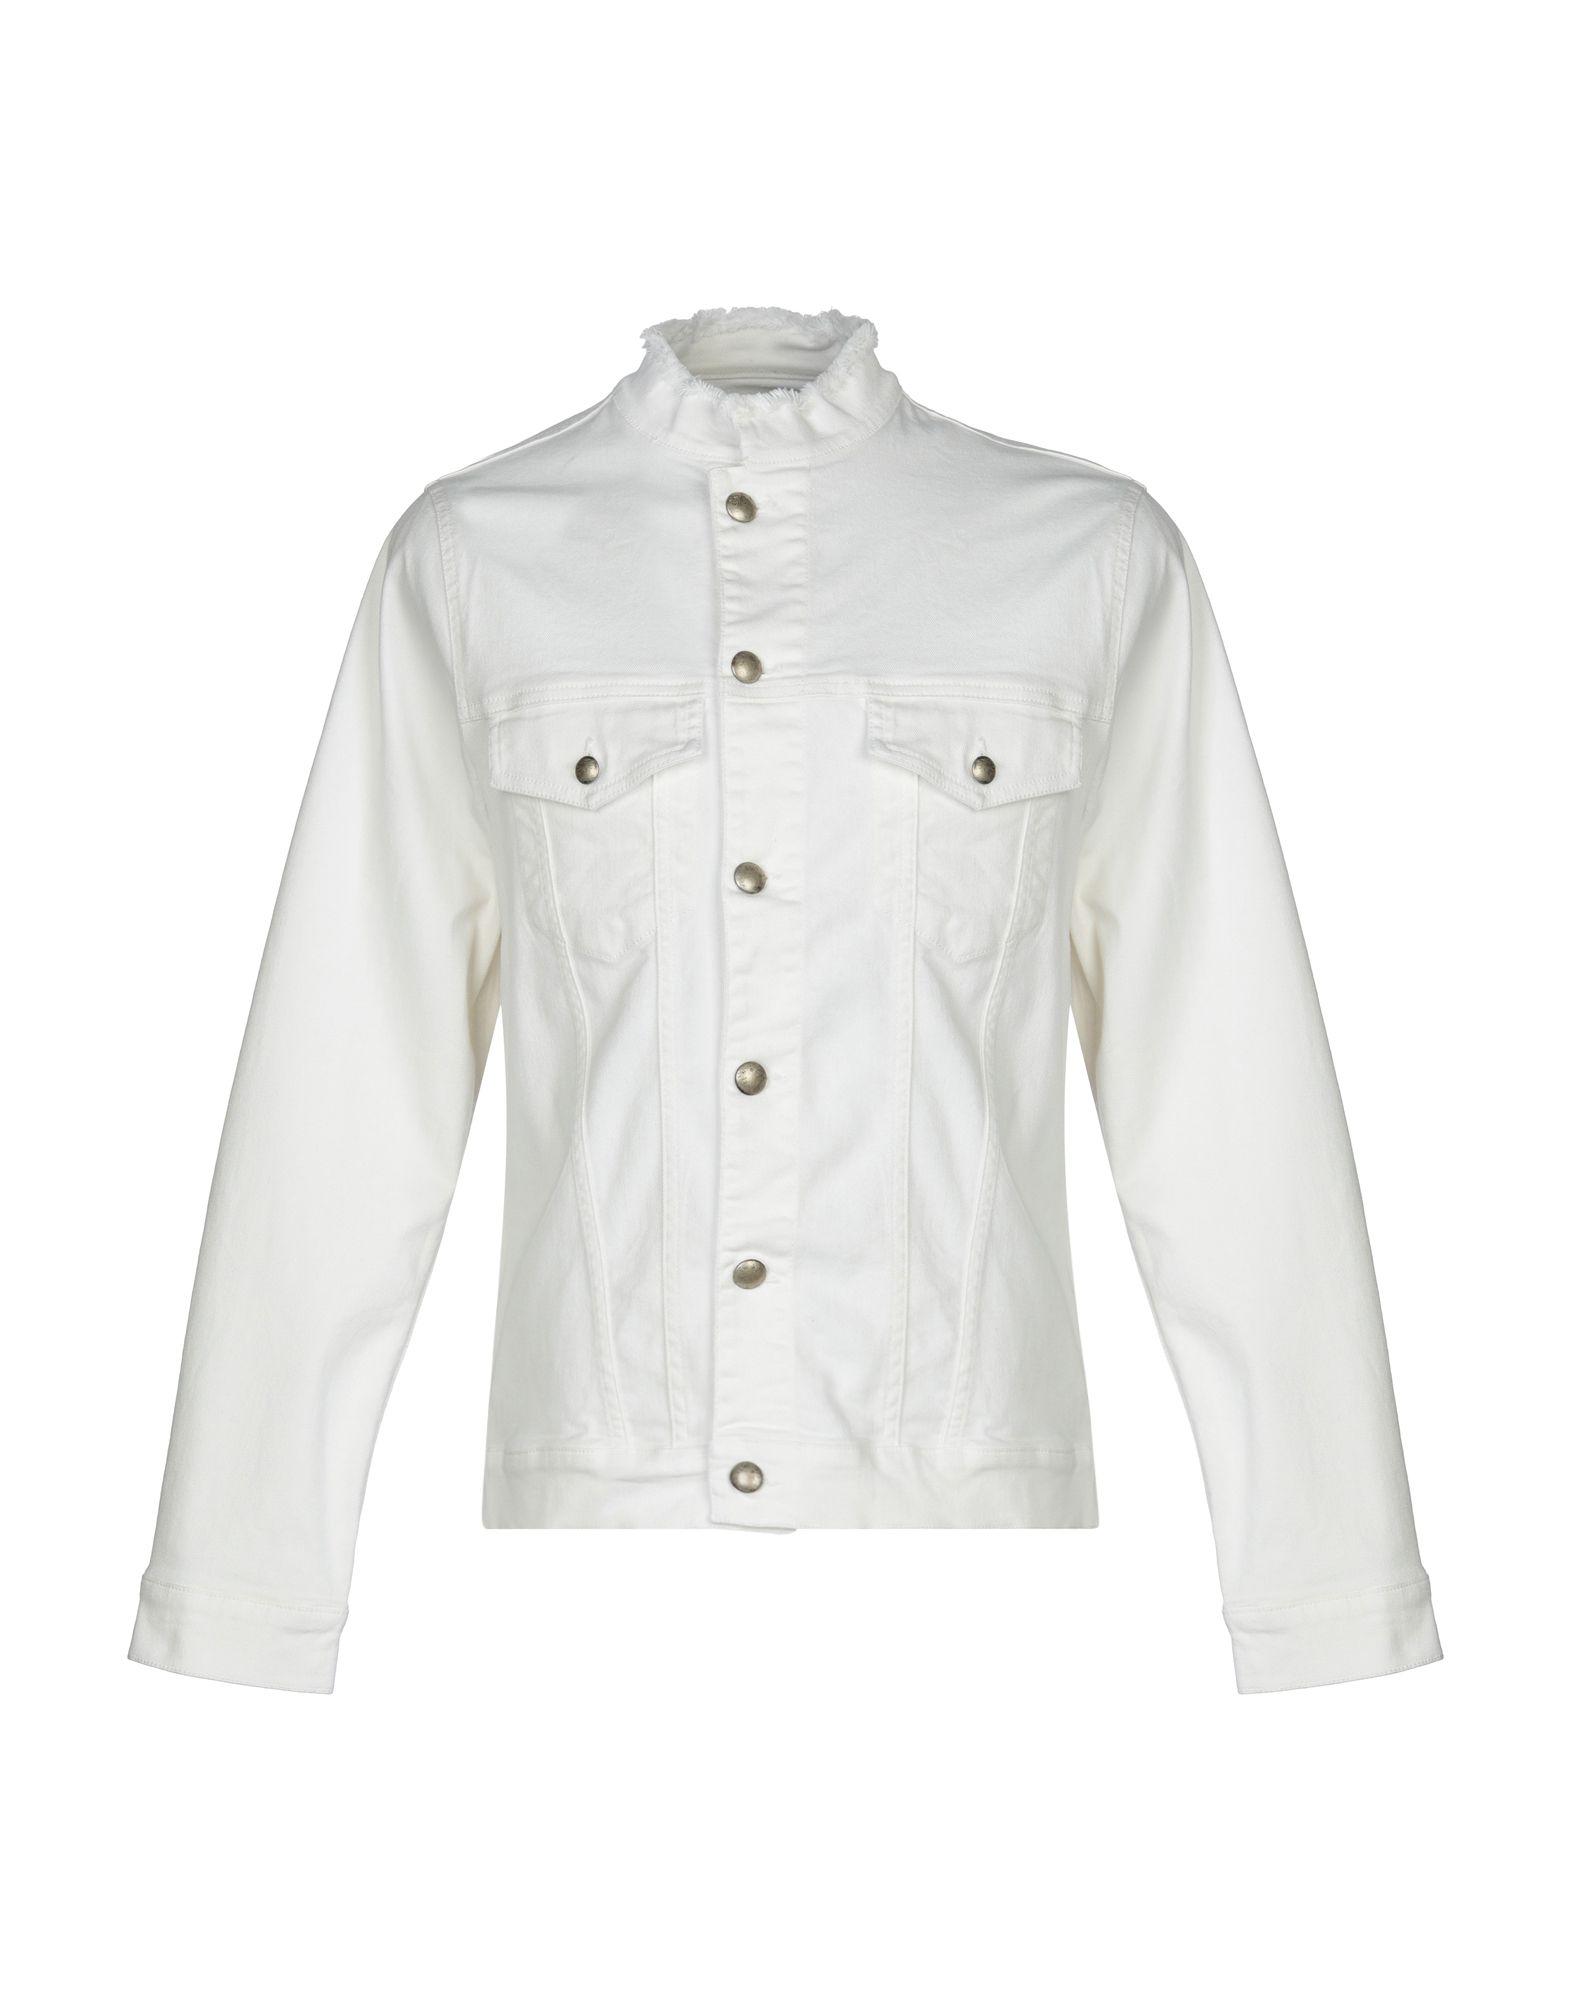 MACCHIA J Джинсовая верхняя одежда